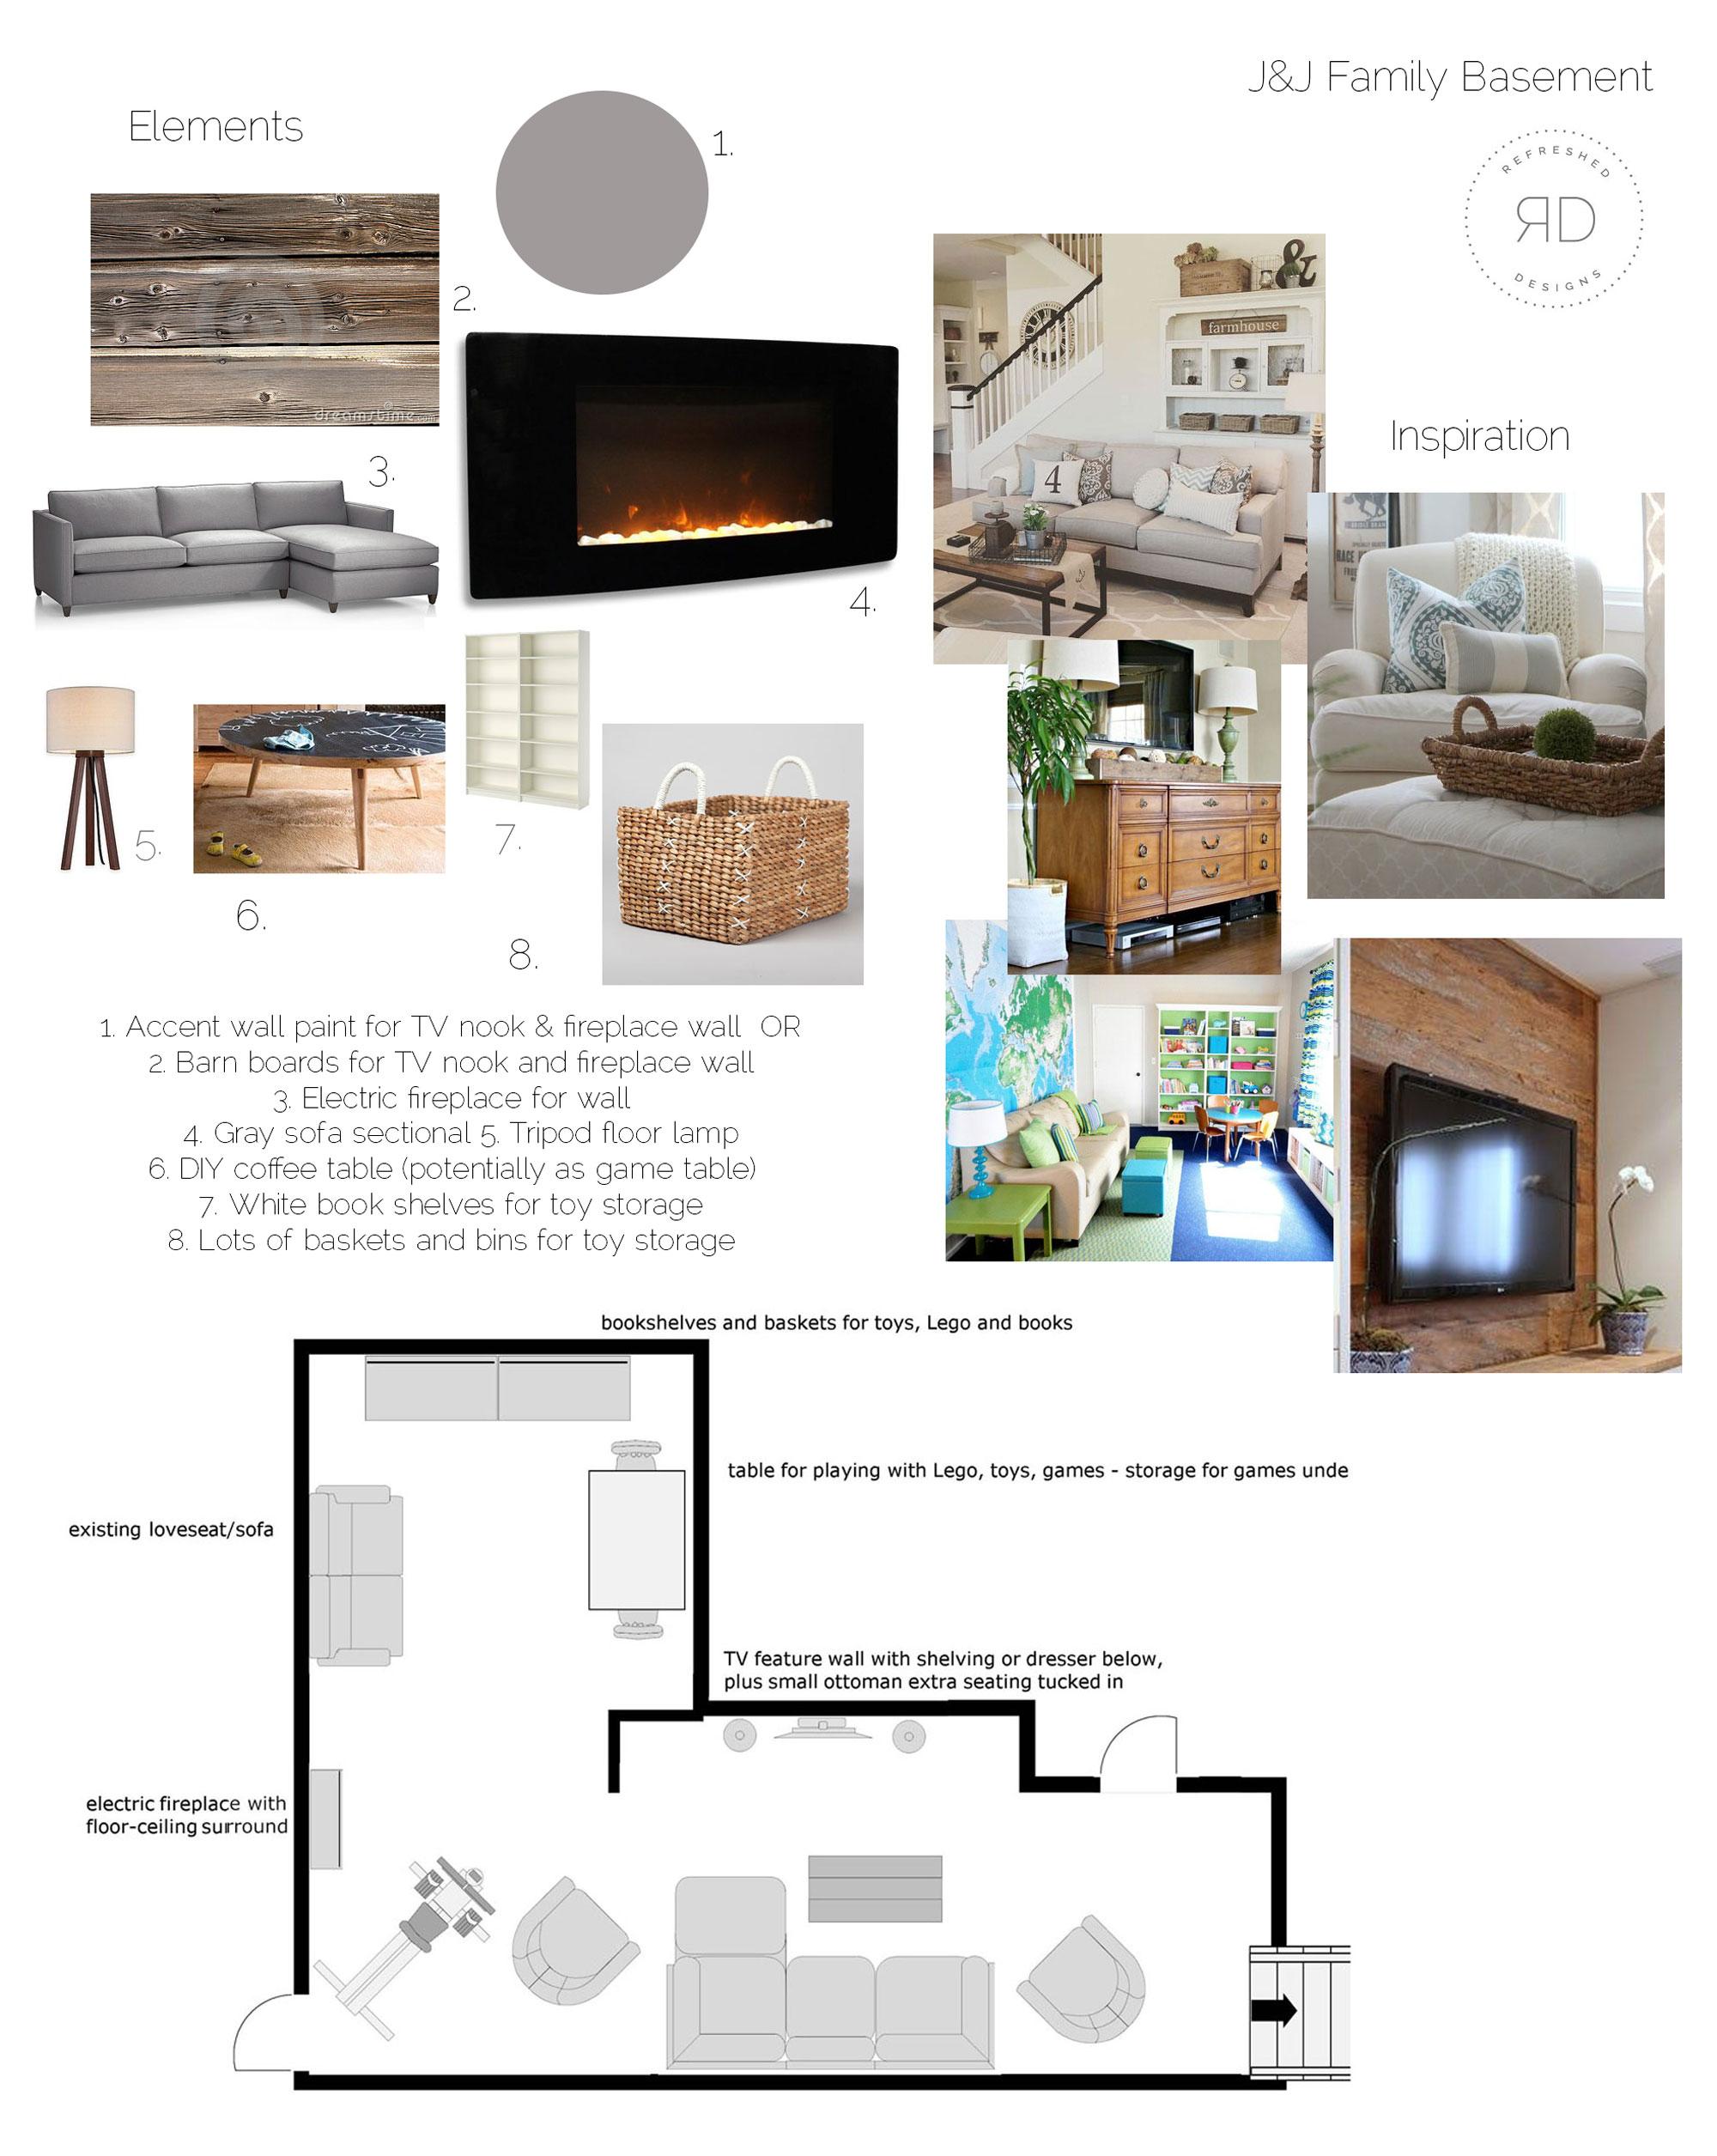 e-fresh-family-basement.jpg